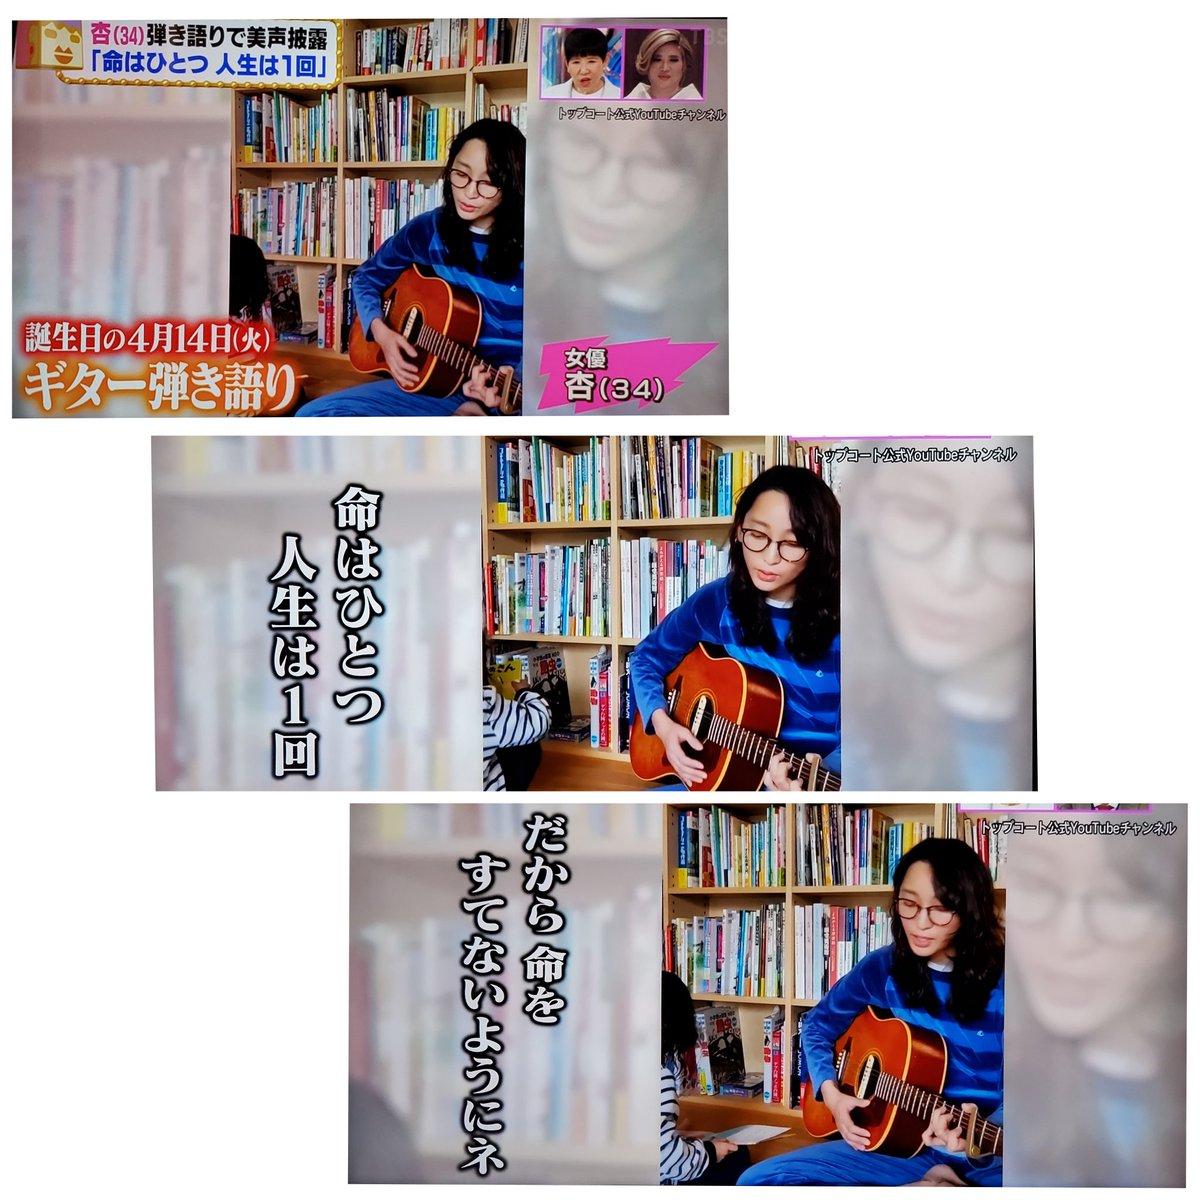 弾き語り 杏 杏の弾き語り動画は?その曲【教訓】の歌に込められた想いとは?│会社員ゴンがつぶやいてるだけのブログ